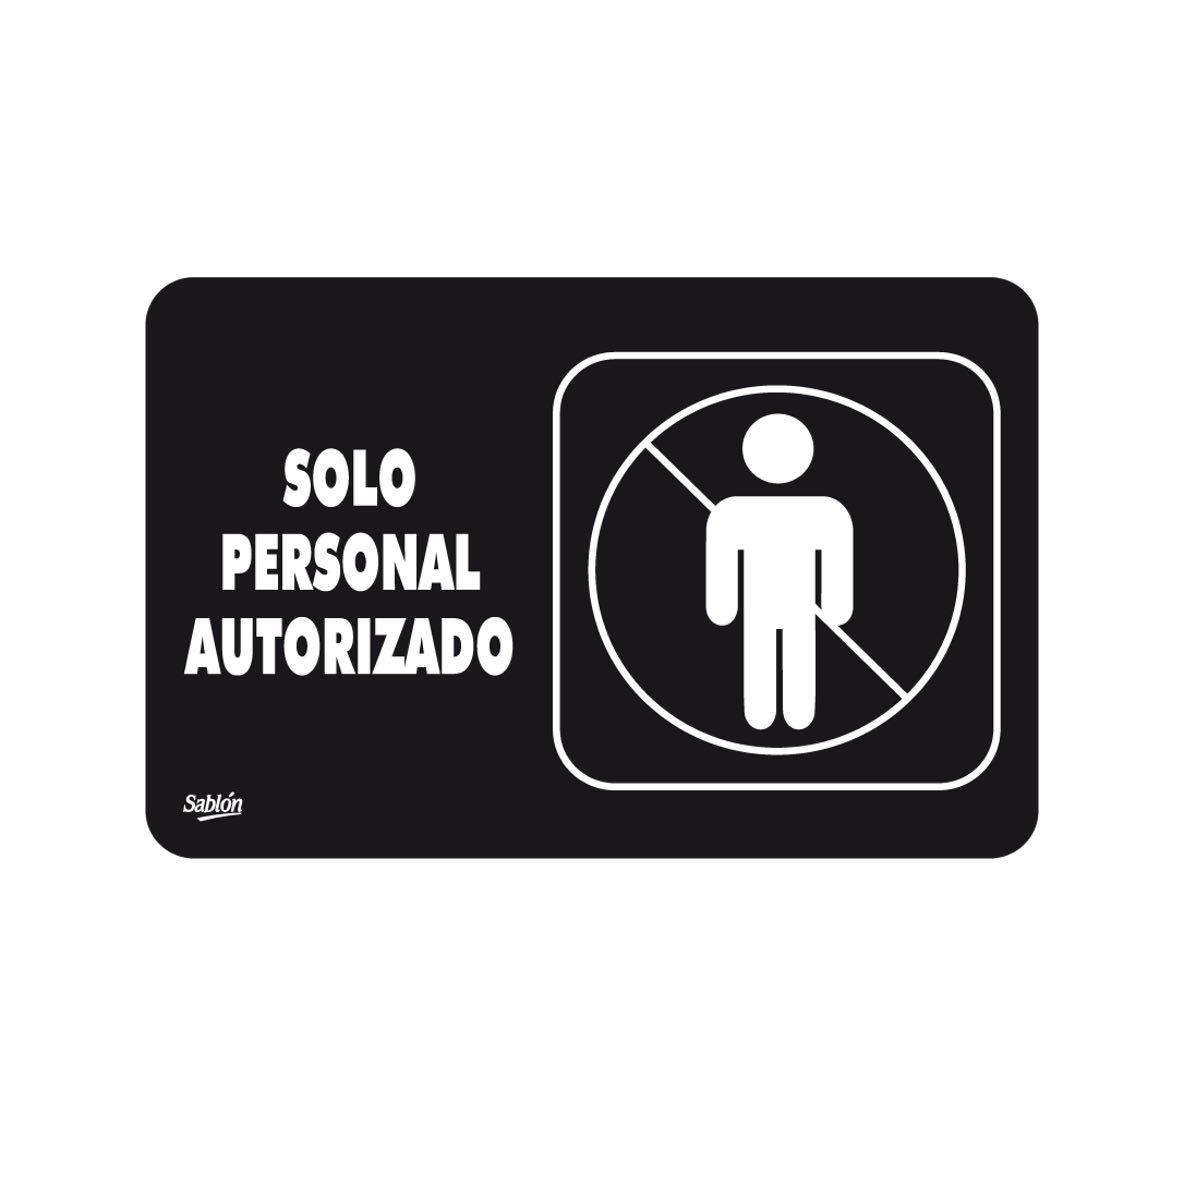 Señal Solo Personal Autorizado Modelo 7939 - Sablón